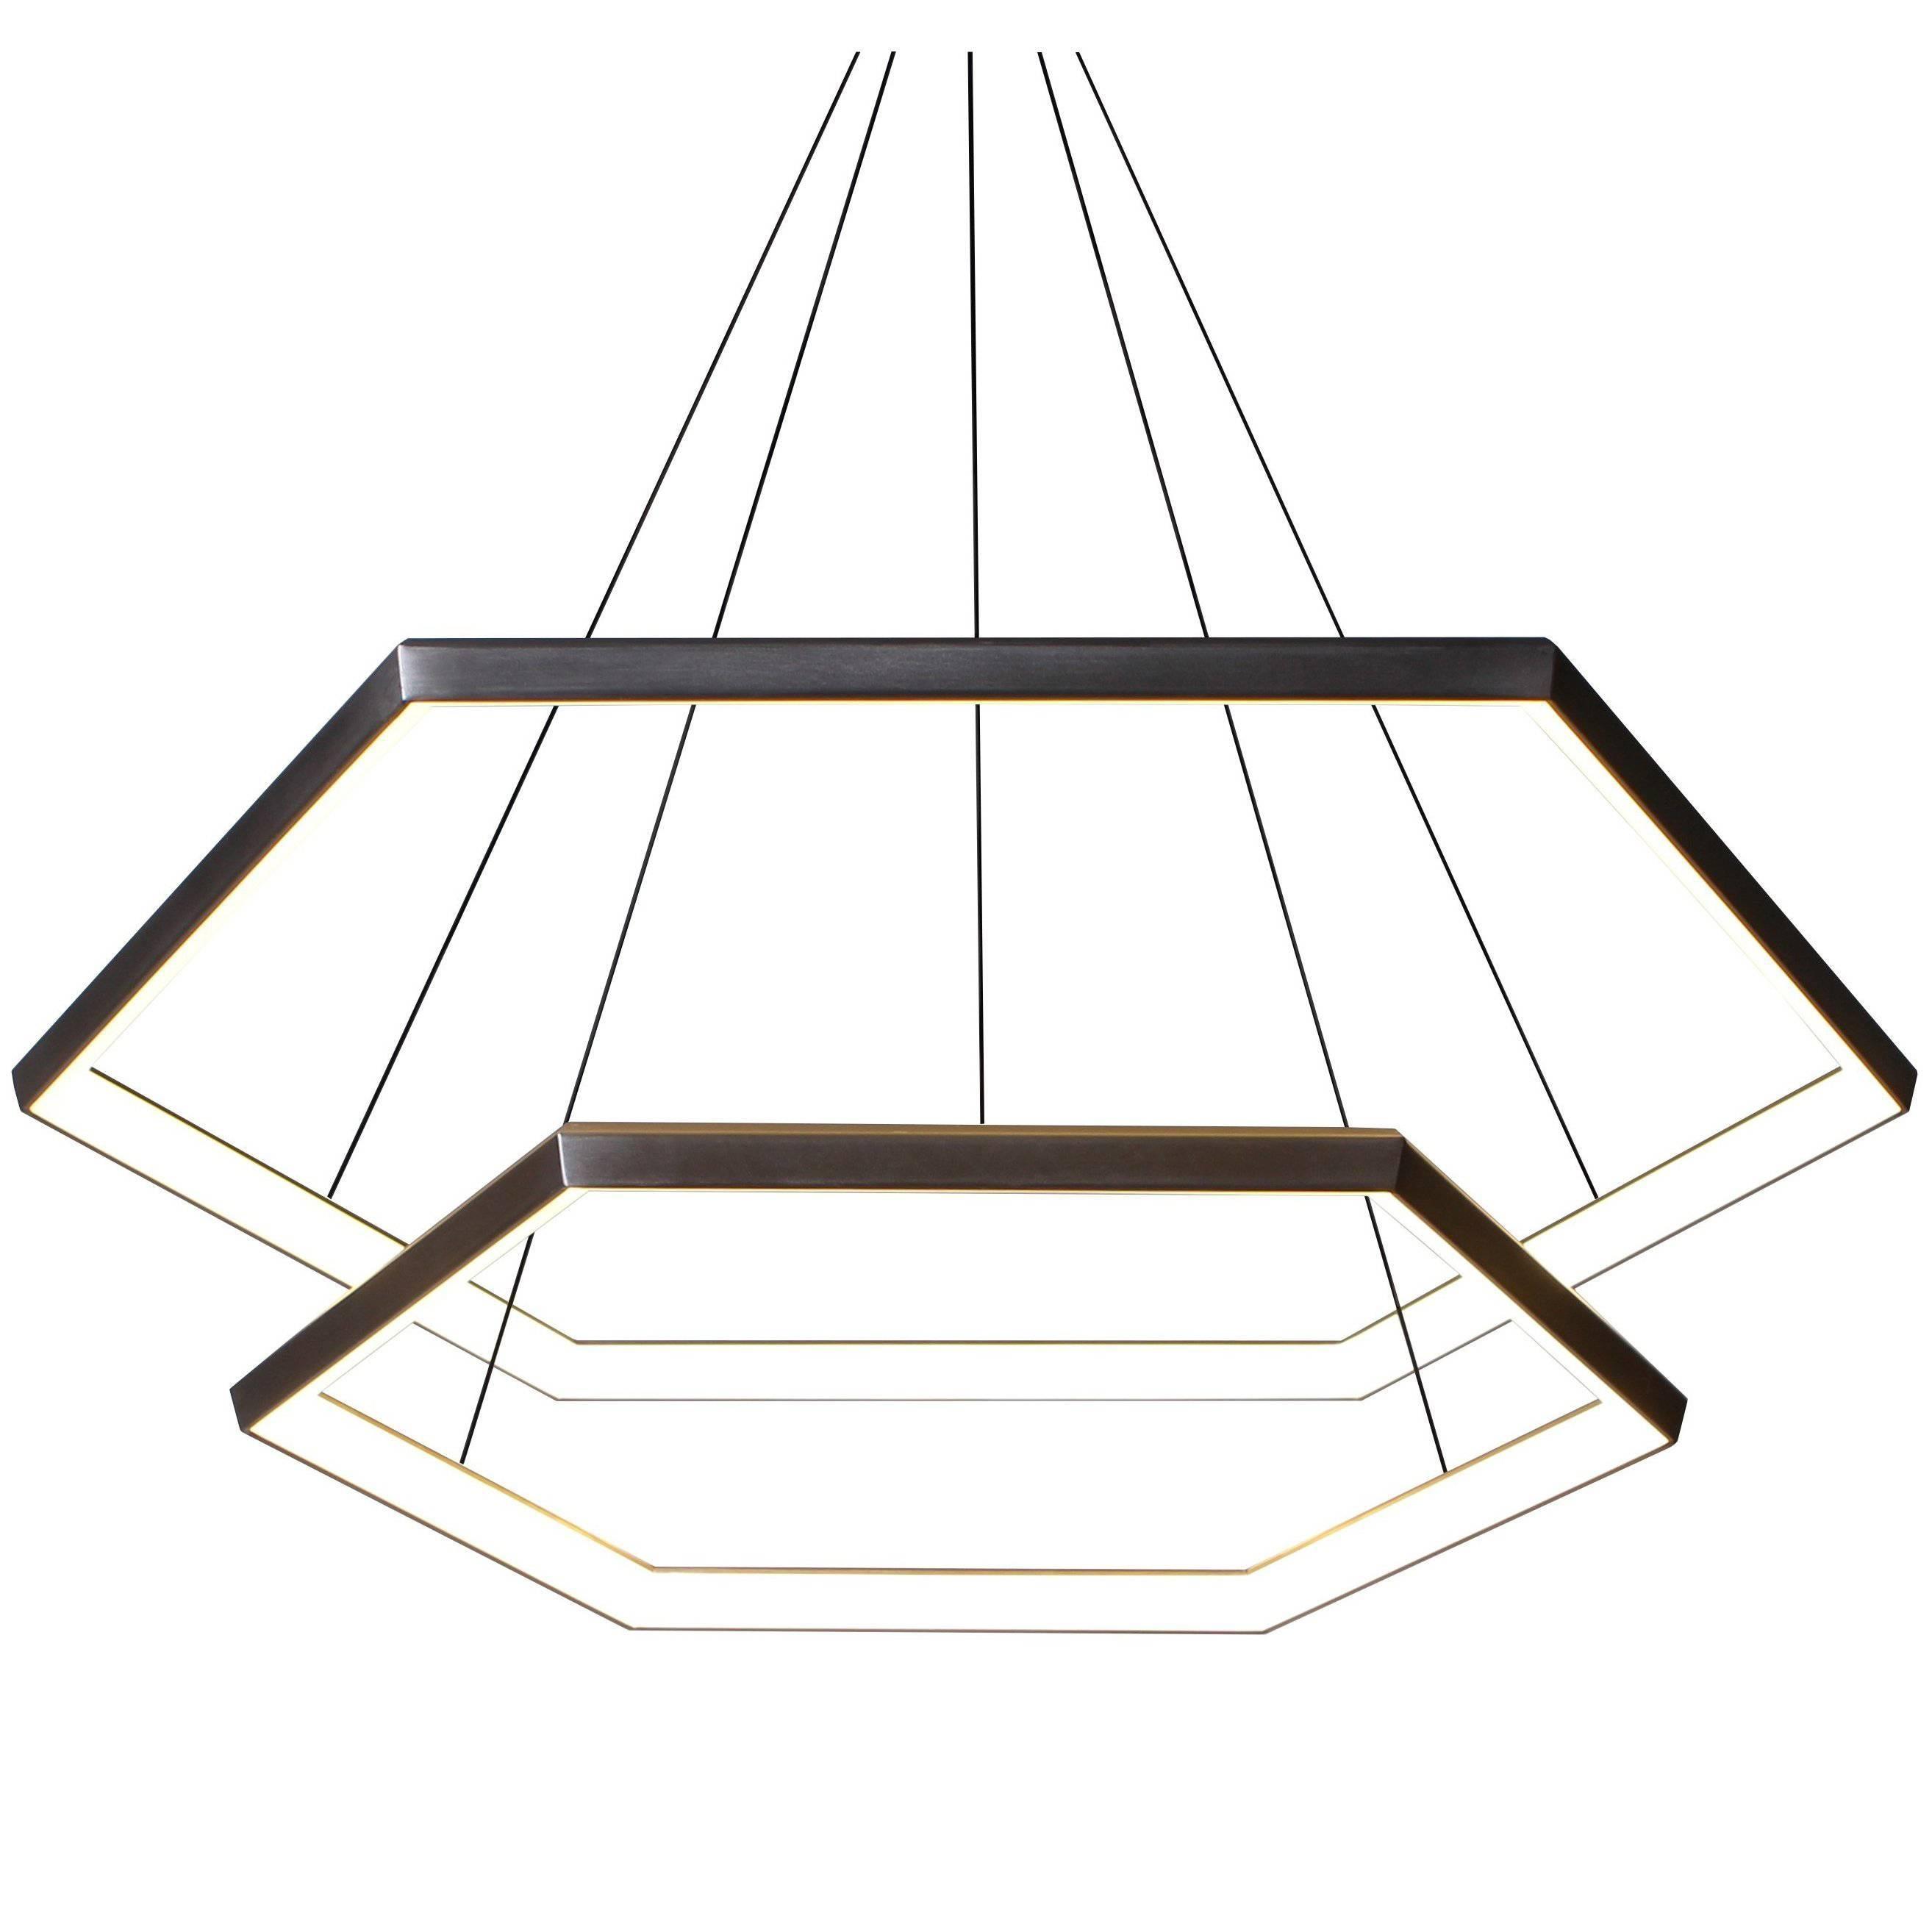 HEXIA CASCADE HXC46 - Black Hexagon Modern LED Chandelier Light Fixture